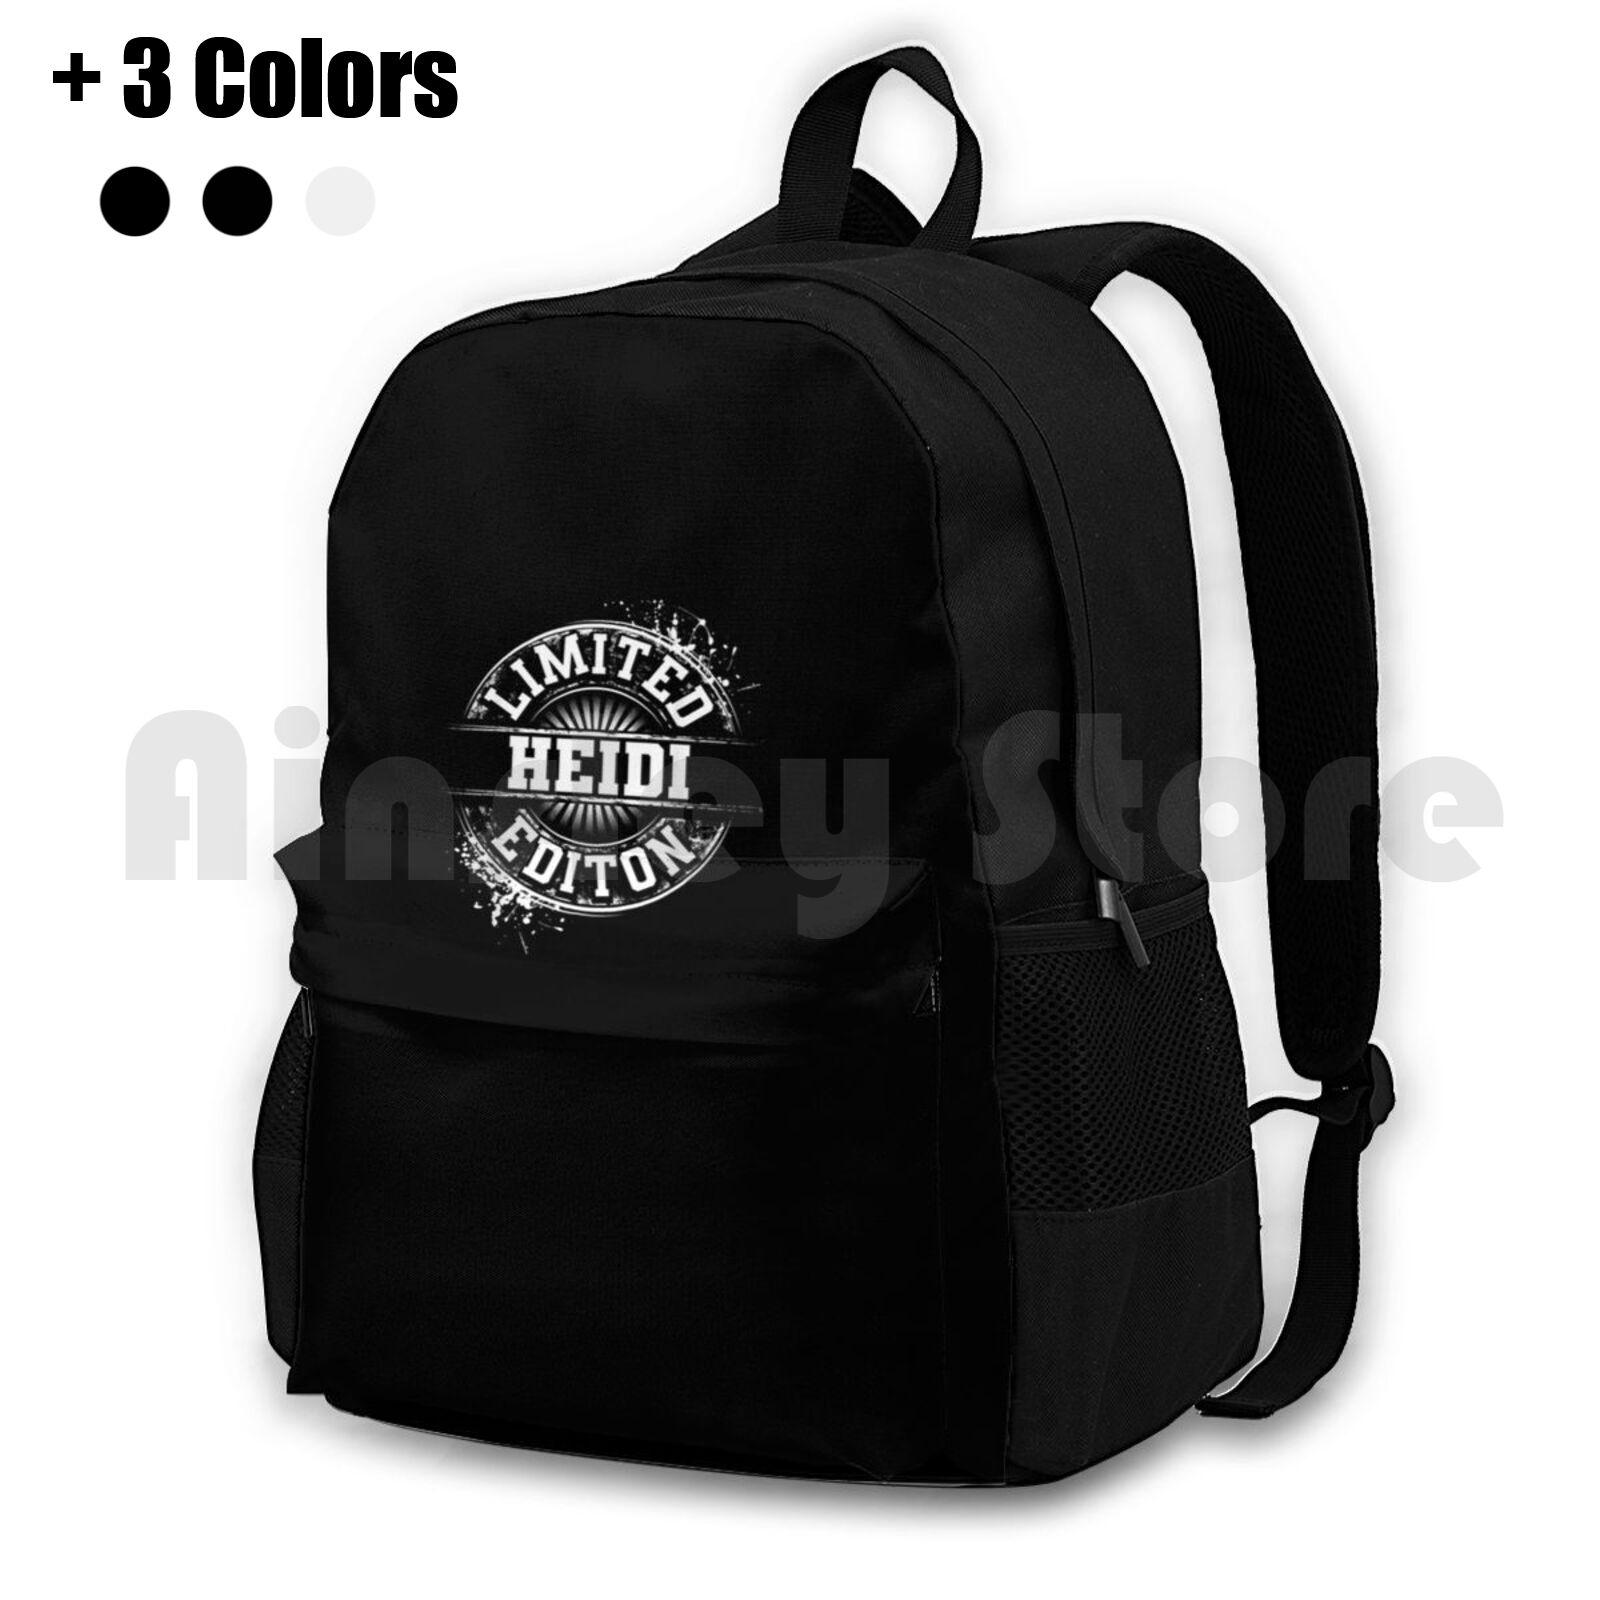 Heidi – sac à dos de randonnée en plein air étanche, édition limitée, idée de cadeau avec nom personnalisé drôle, idéal pour le Camping ou les voyages